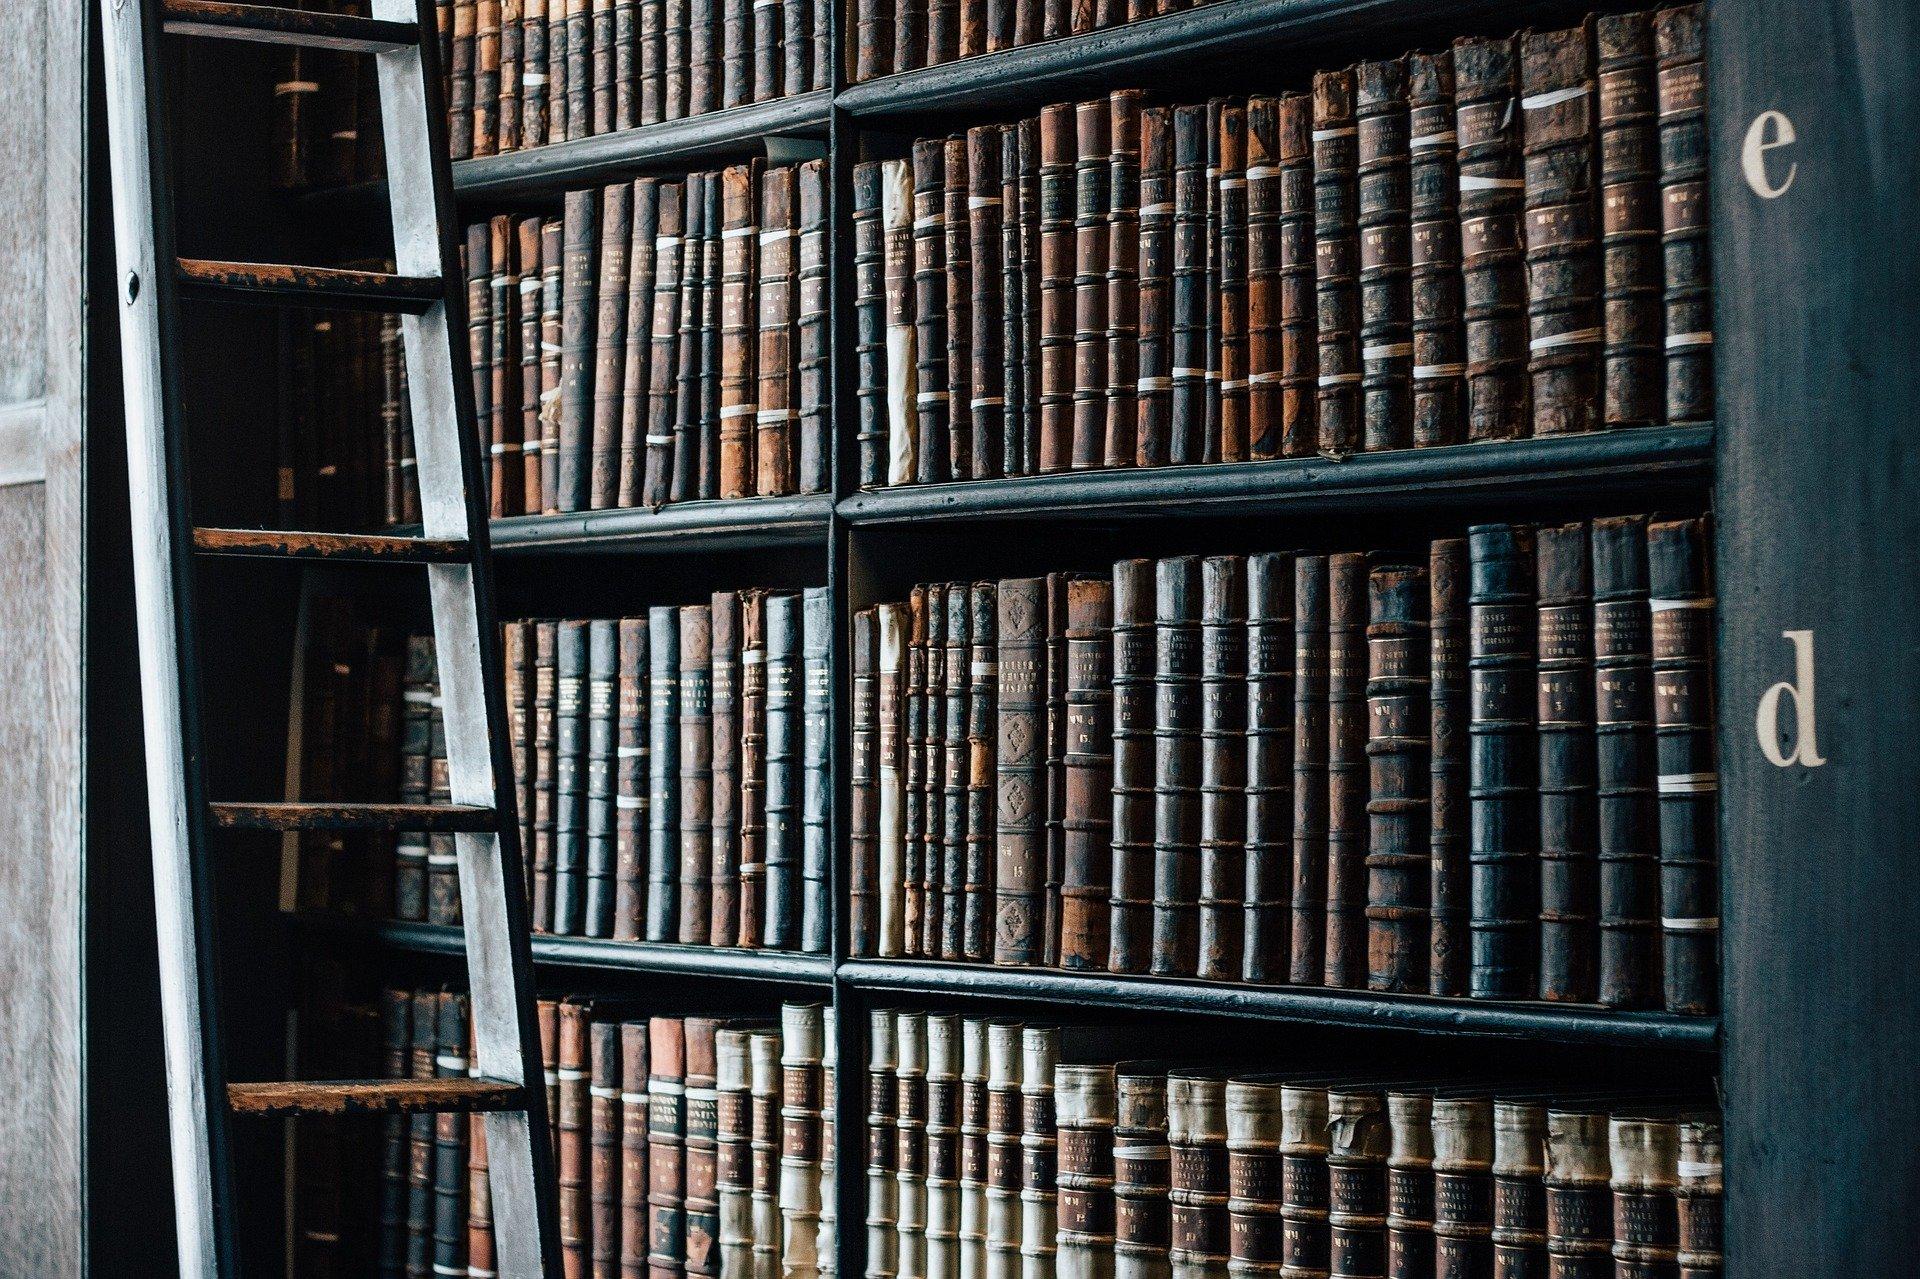 Museen und Bibliotheken